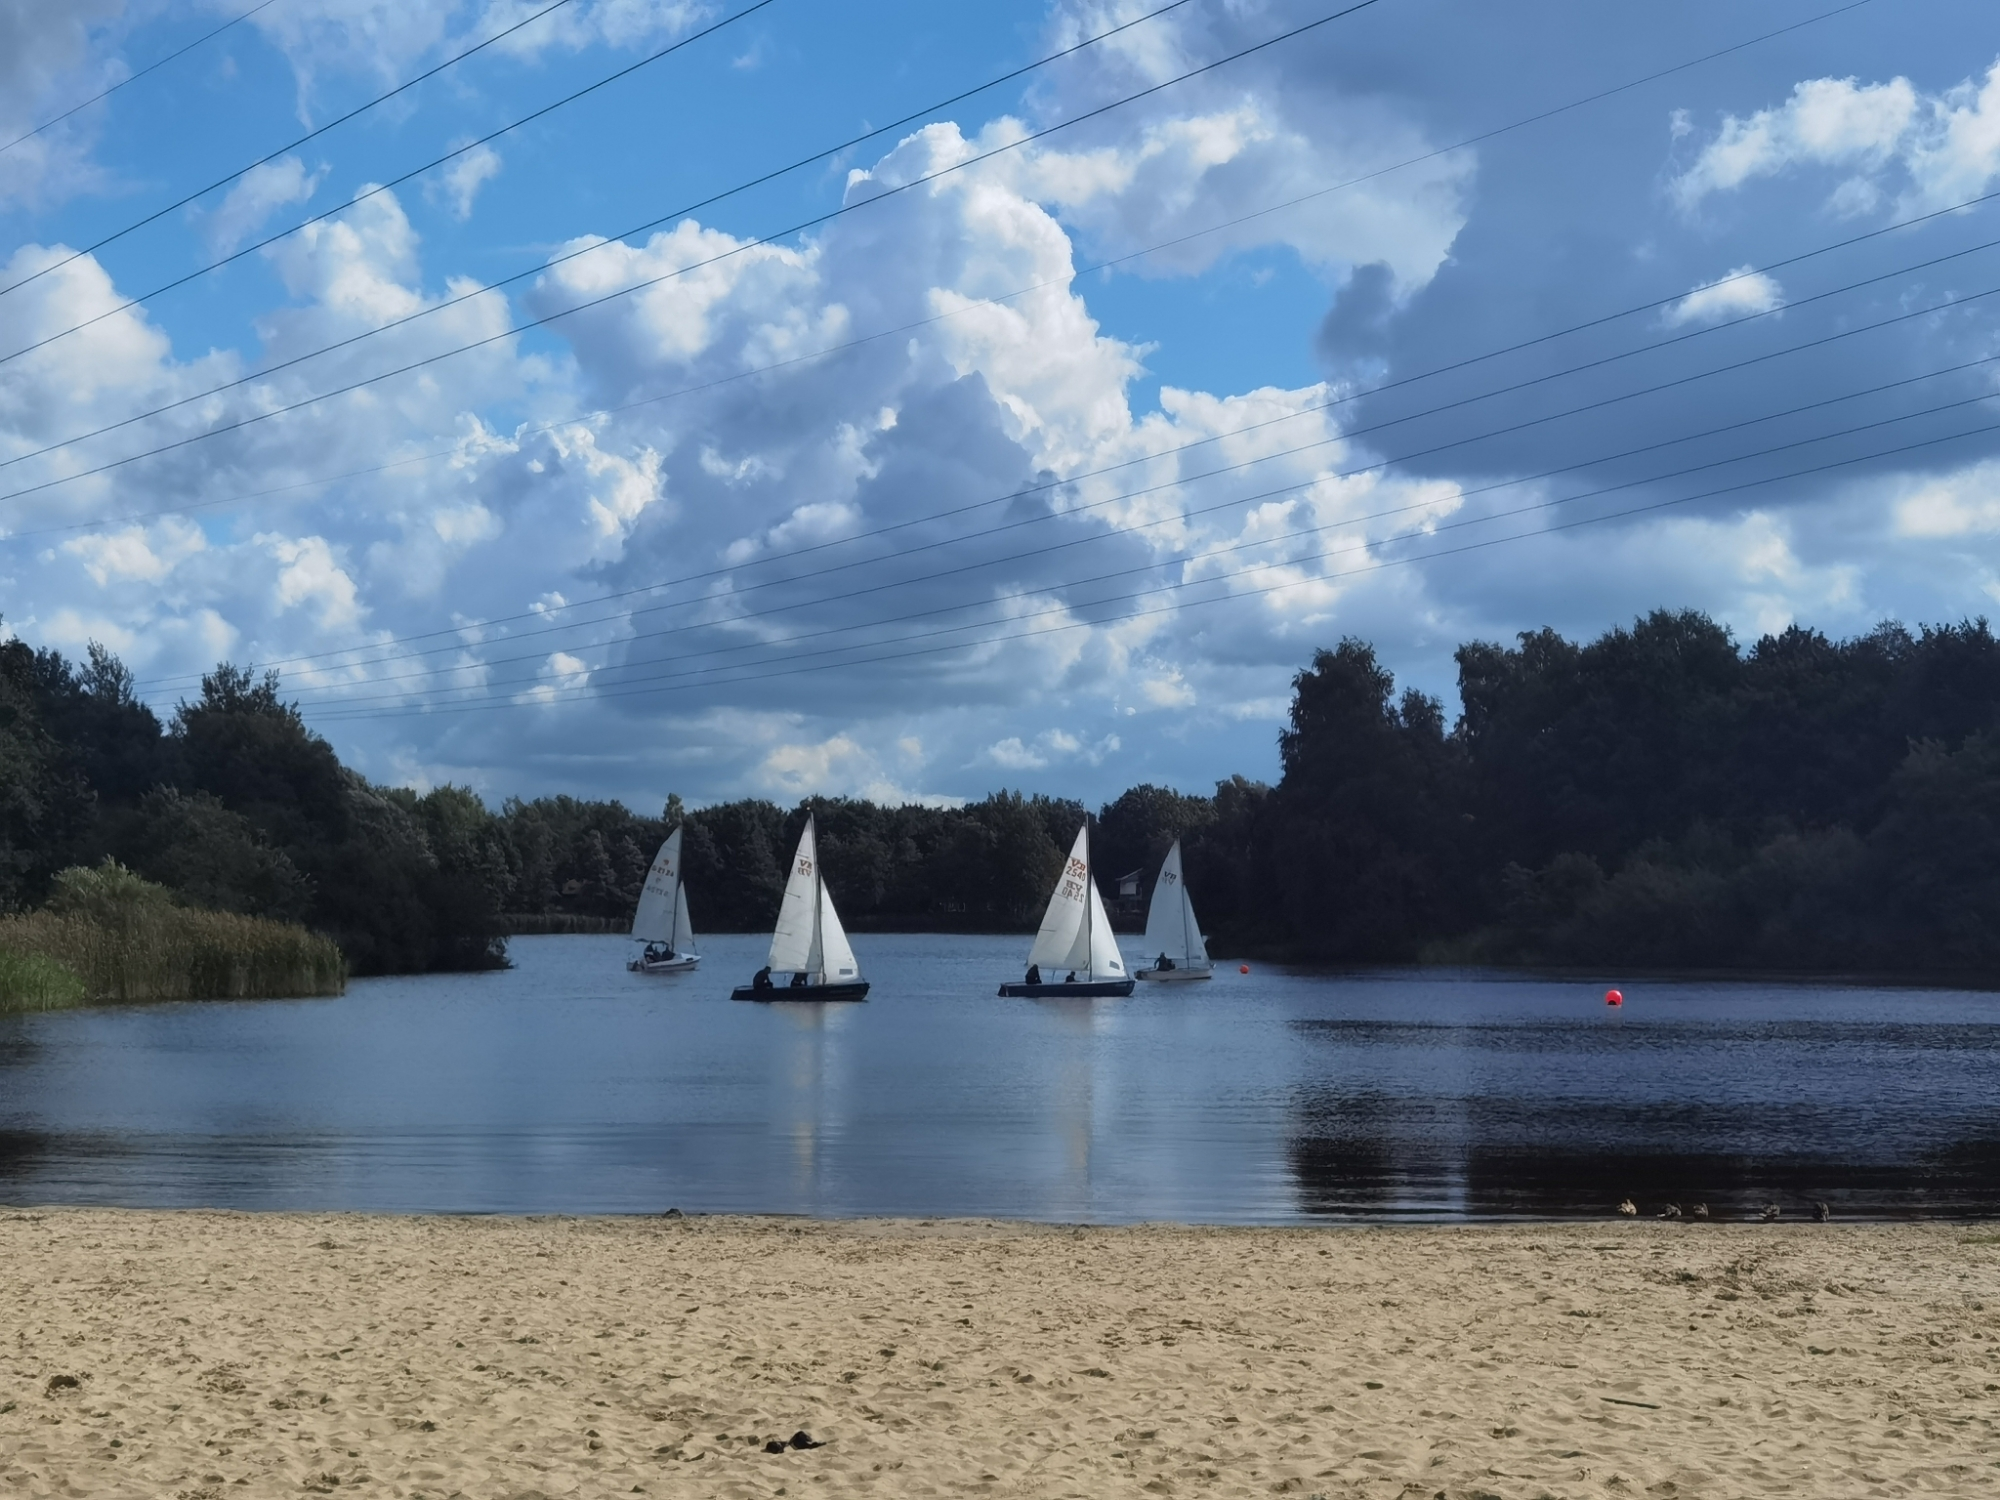 Naherholungsgebiet Weichelsee